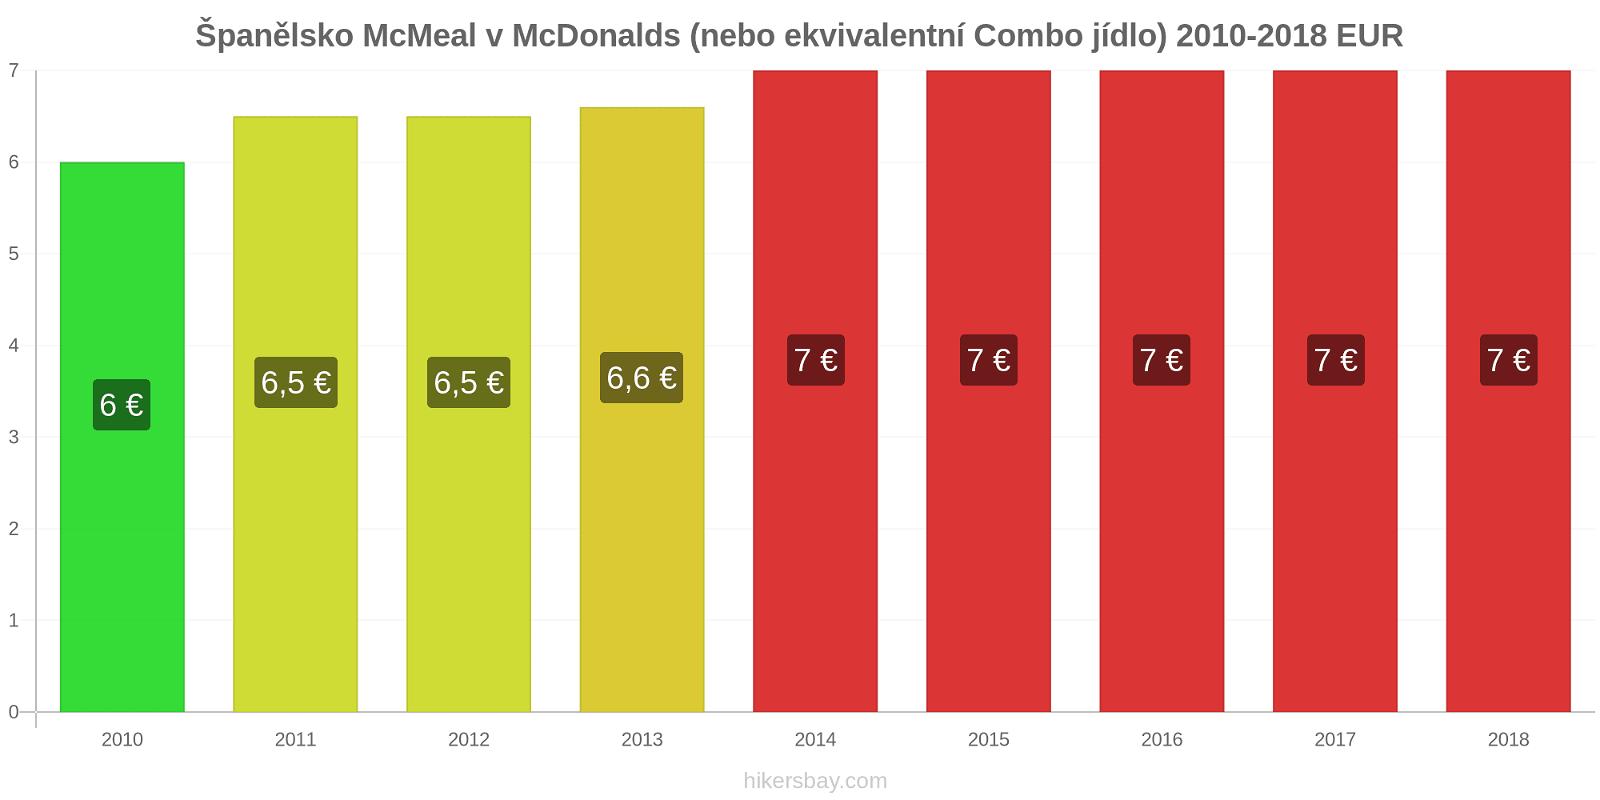 Španělsko změny cen McMeal v McDonalds (nebo ekvivalentní Combo jídlo) hikersbay.com